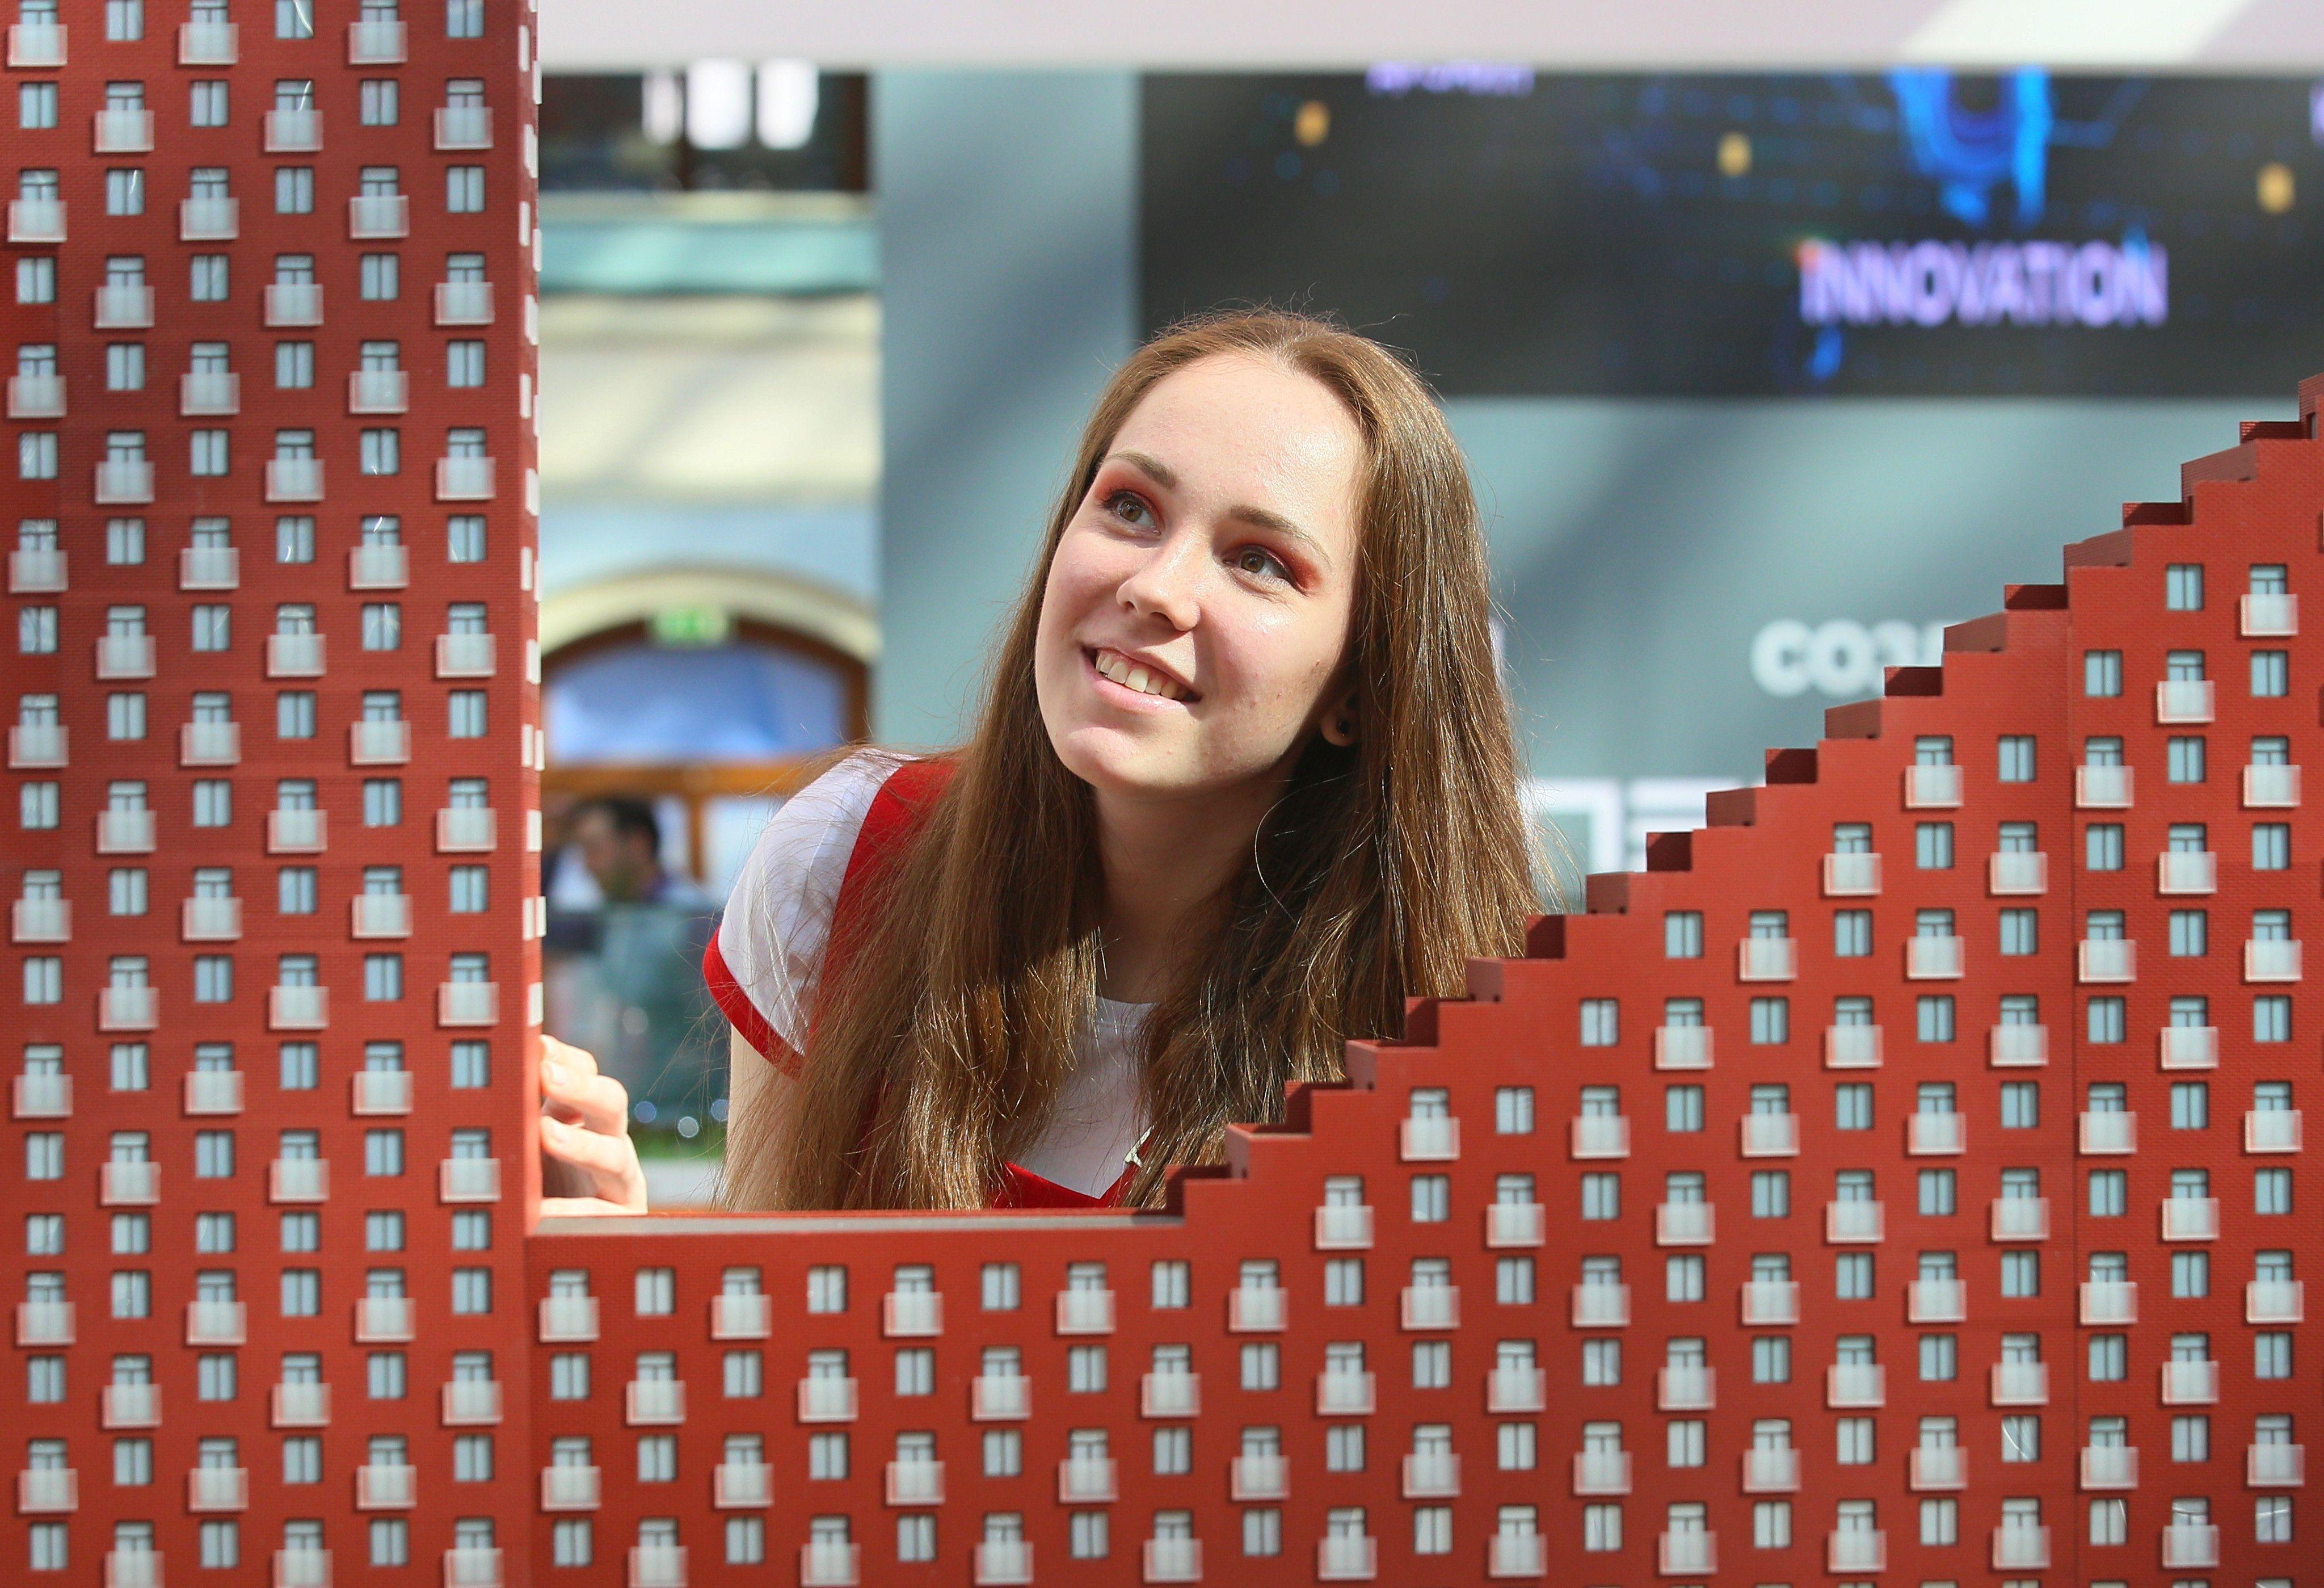 За неделю 400 предпринимателей стали участниками аукционов с недвижимостью в Москве